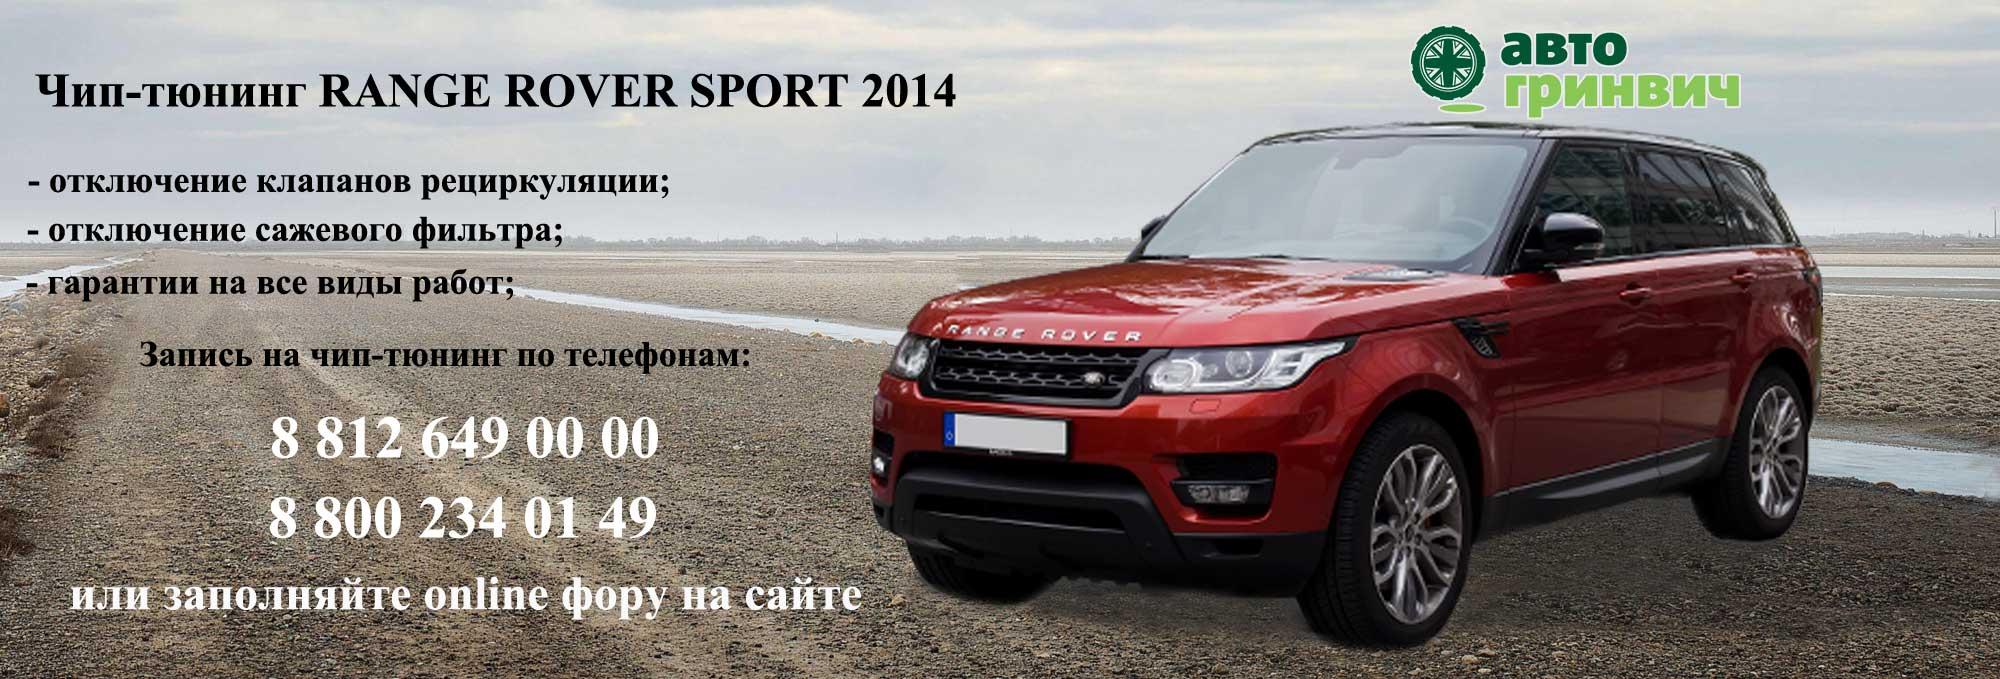 Чип-тюнинг Range Rover Sport 2014